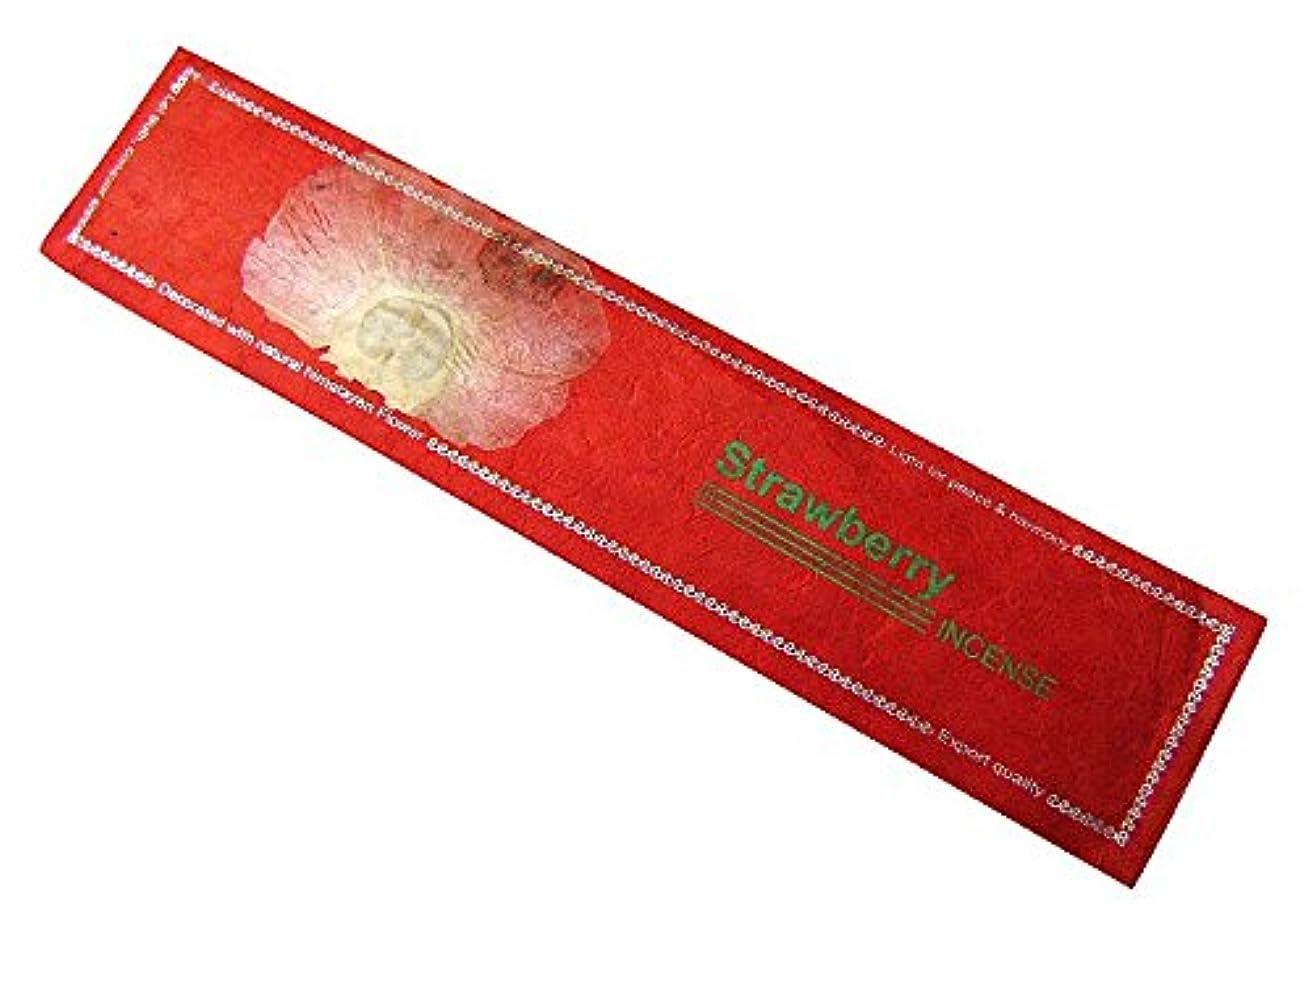 フラップ鬼ごっこ瞳NEPAL INCENSE ネパールのロクタ紙にヒマラヤの押し花のお香【Strawberryストロベリー】 スティック